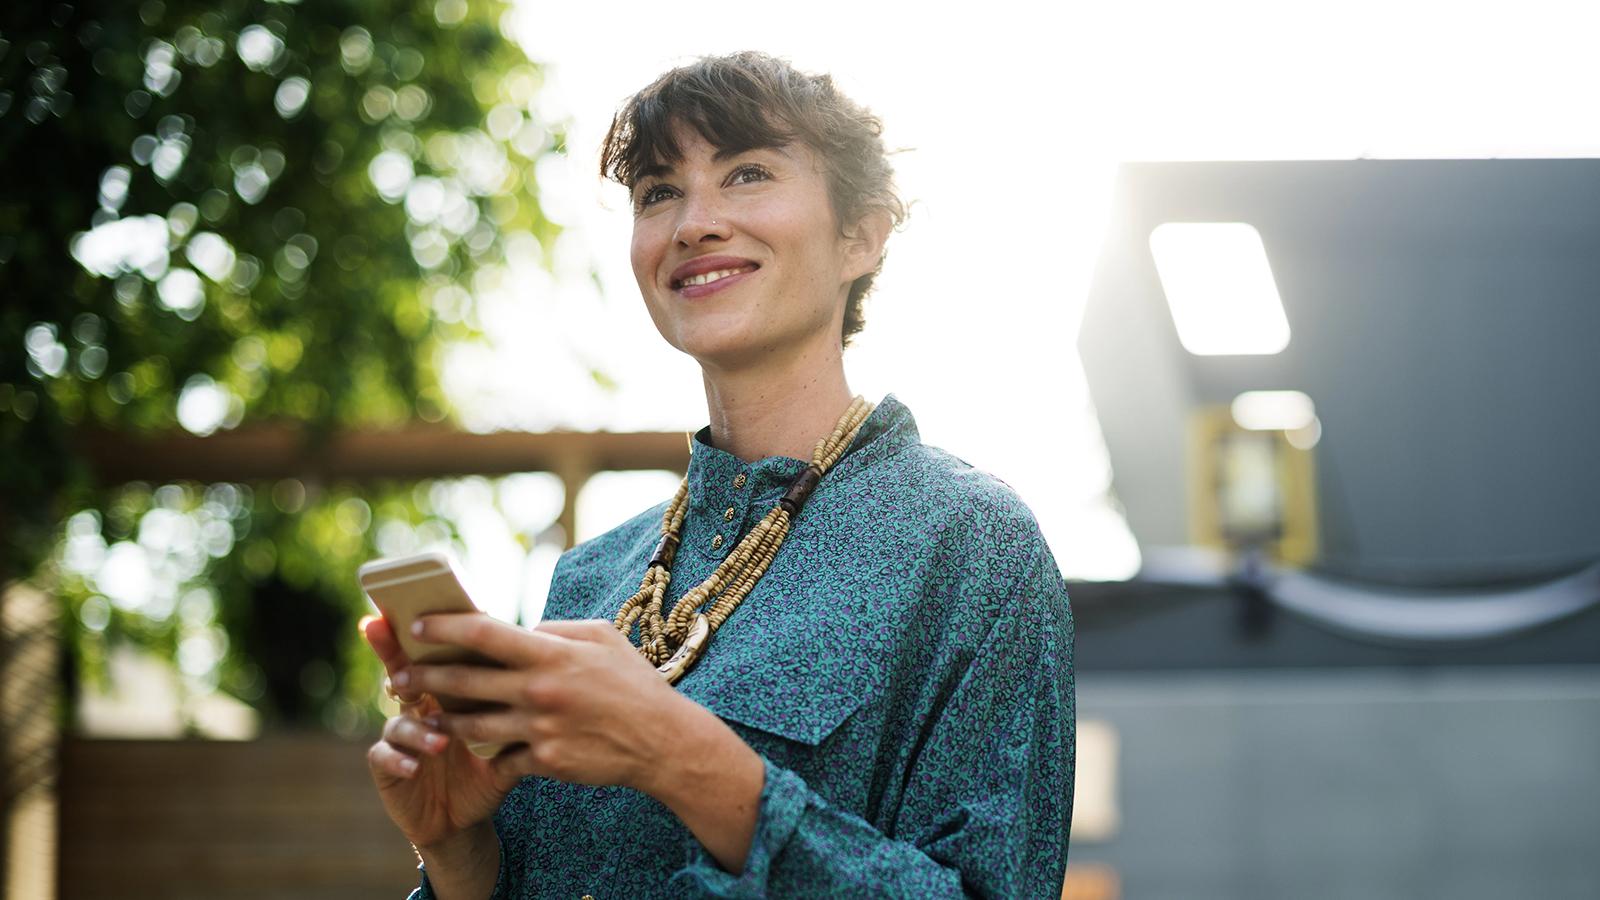 5 Social Media Tips for Realtors